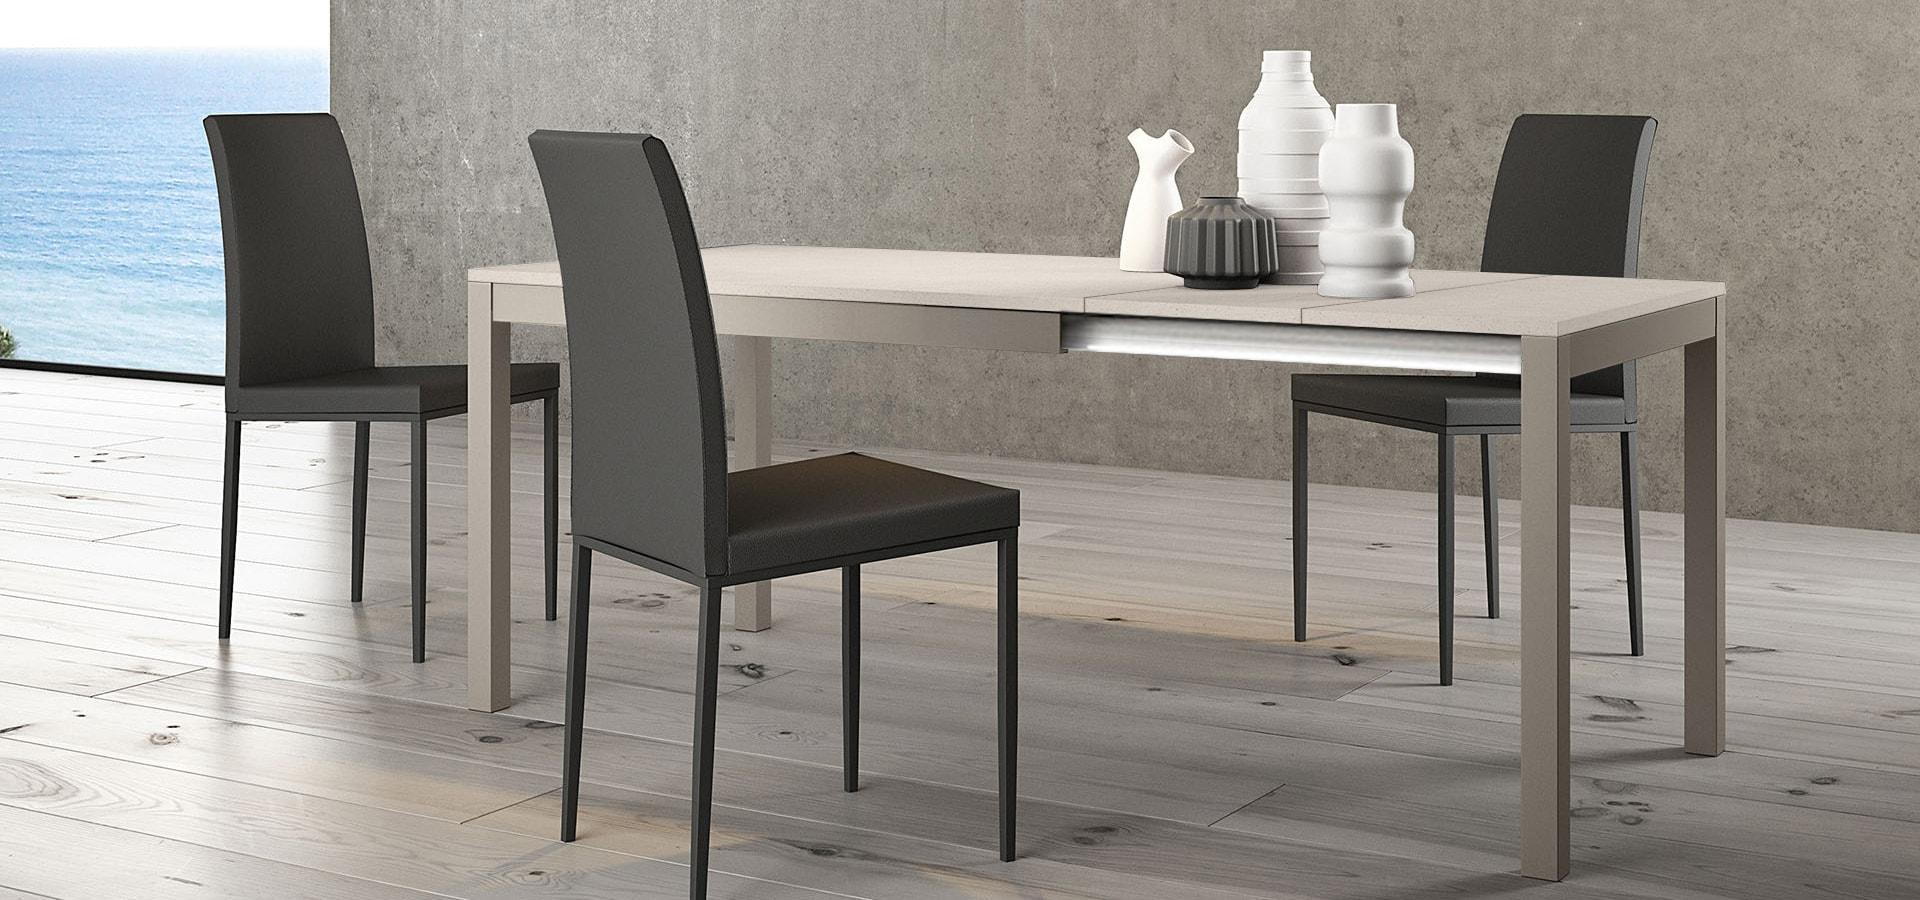 Итальянский стол MATRIX 160 серый | ARREDO3